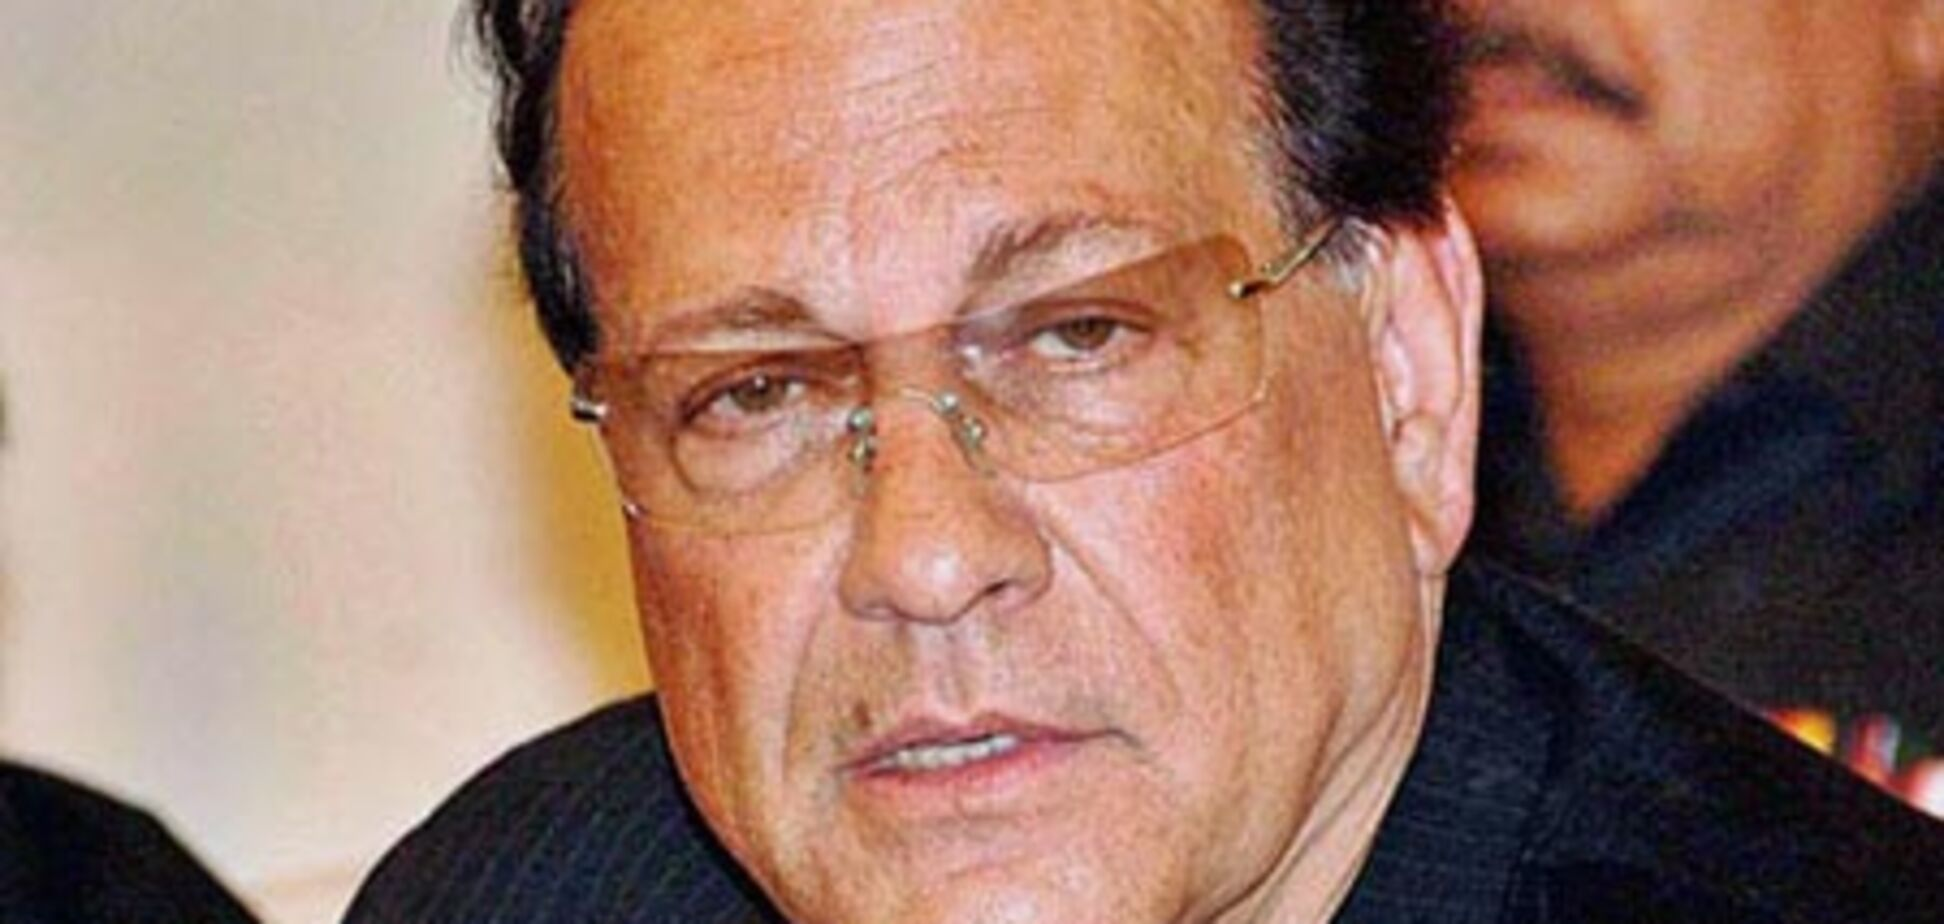 Телохранитель застрелил губернатора пакистанской провинции